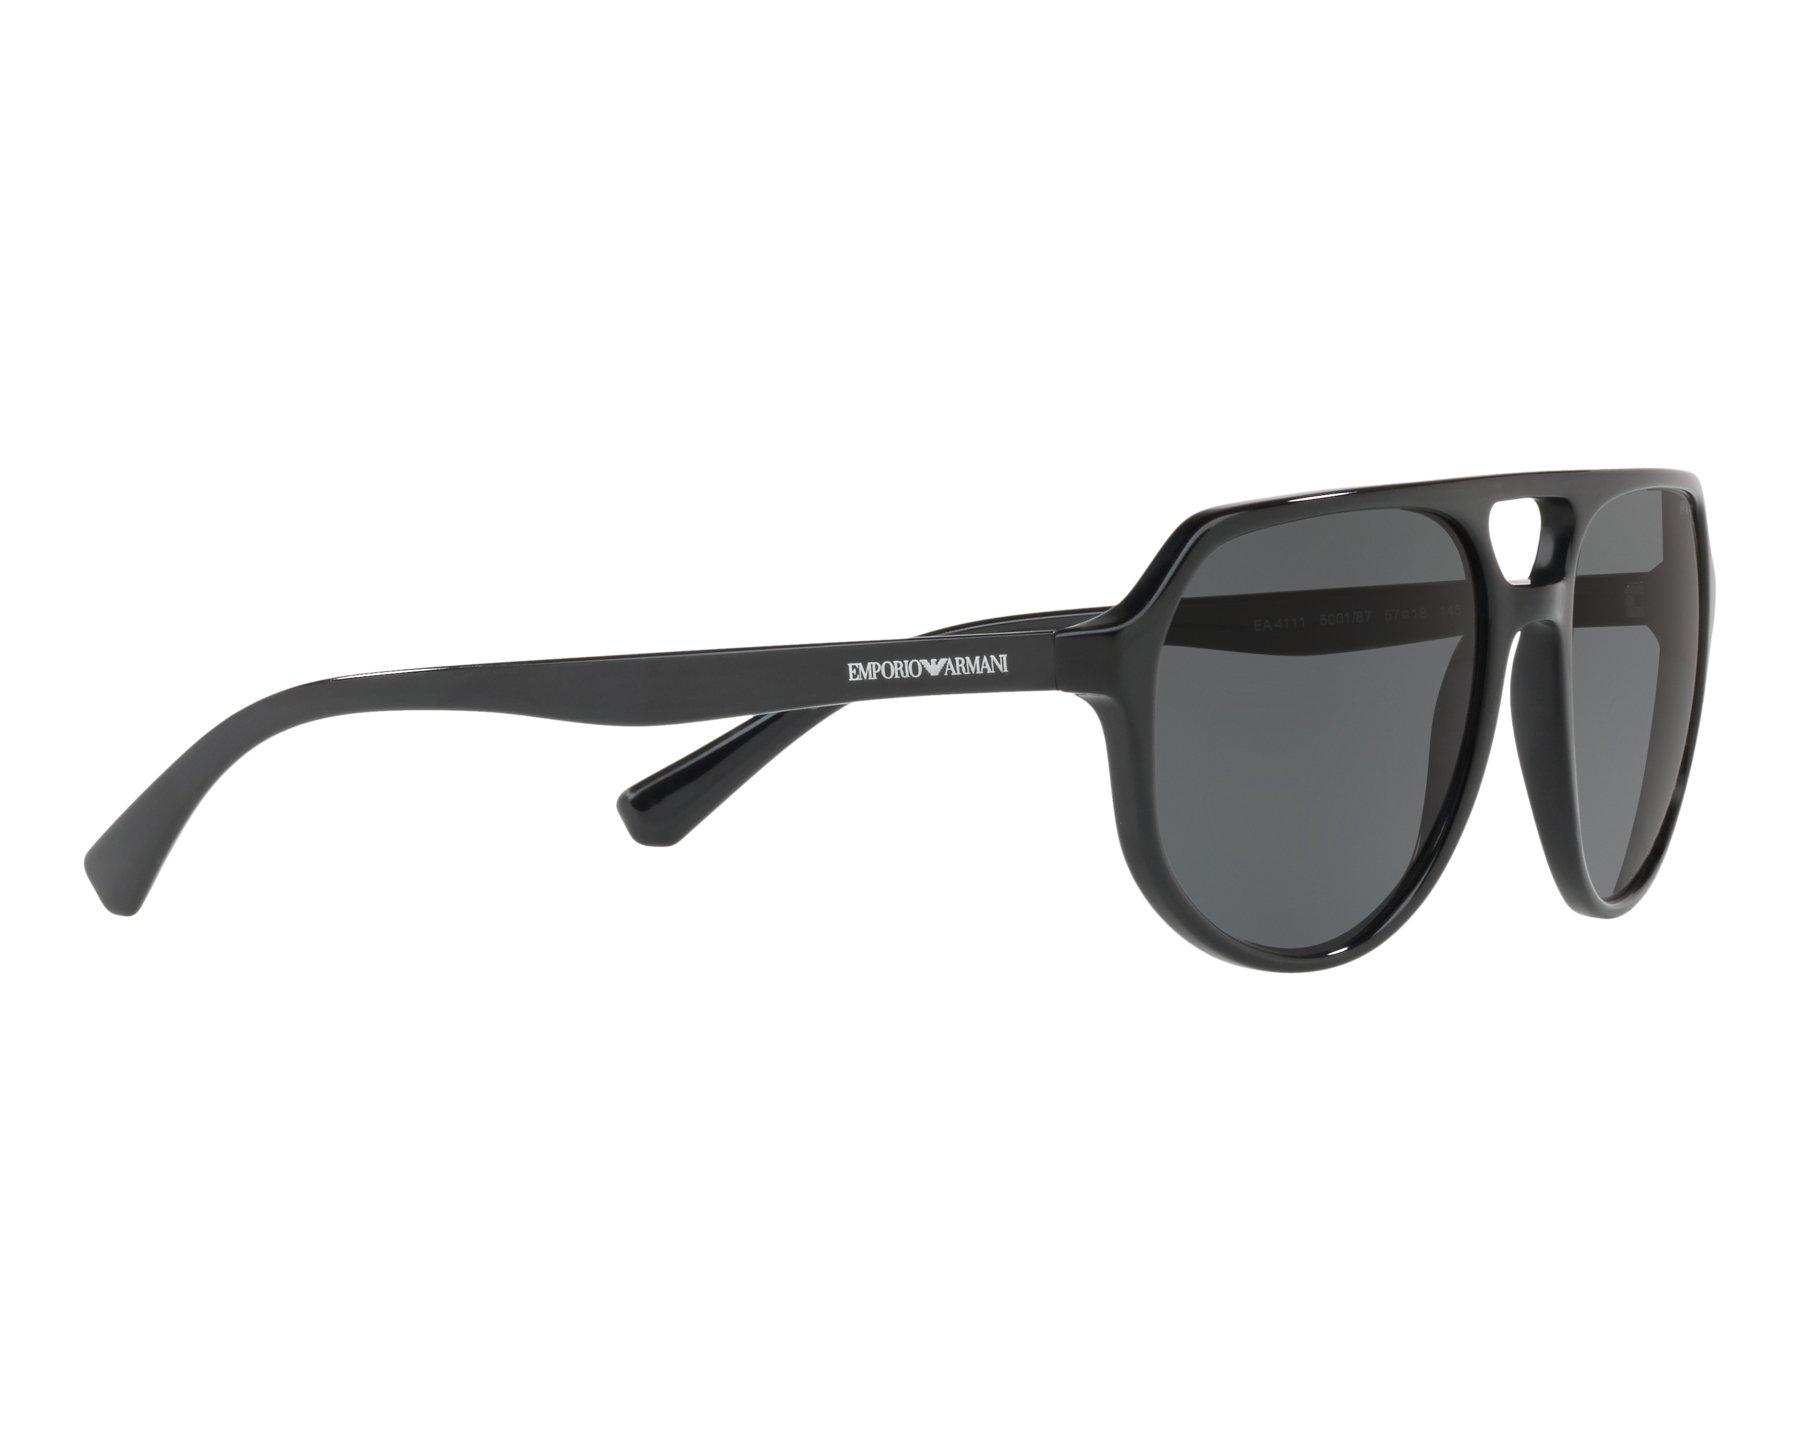 e5c2de048f6 Sunglasses Emporio Armani EA-4111 500187 57-18 Black 360 degree view 11